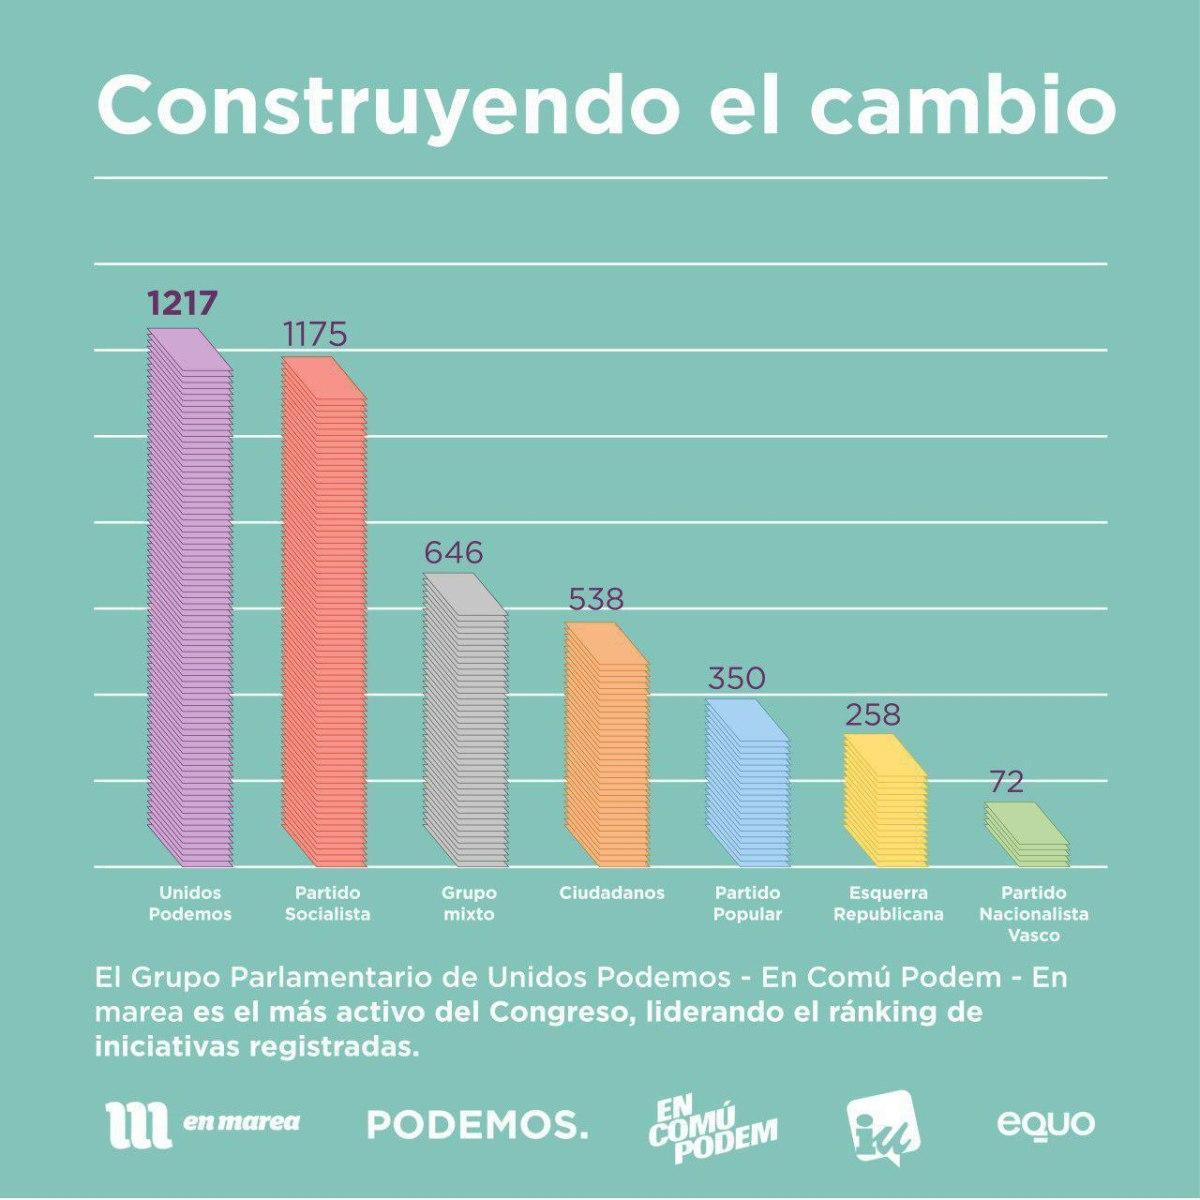 Unidos Podemos, los que más trabajan en el Parlamento.